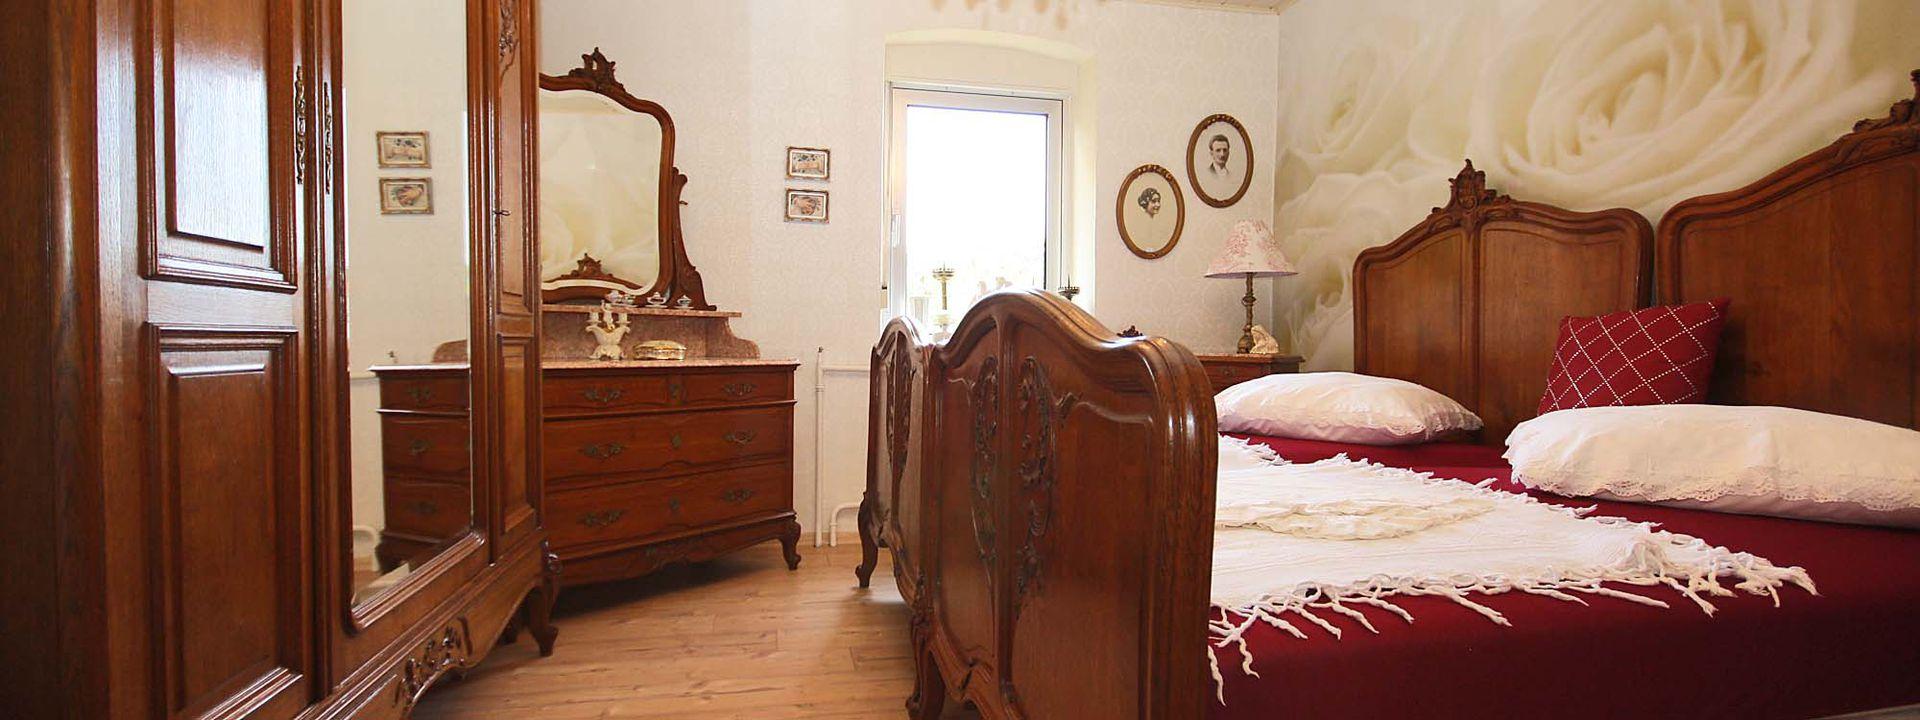 Charming Schlafzimmer Bild Antik #9: Schlafzimmer Antik | Jtleigh - Hausgestaltung Ideen, Schlafzimmer